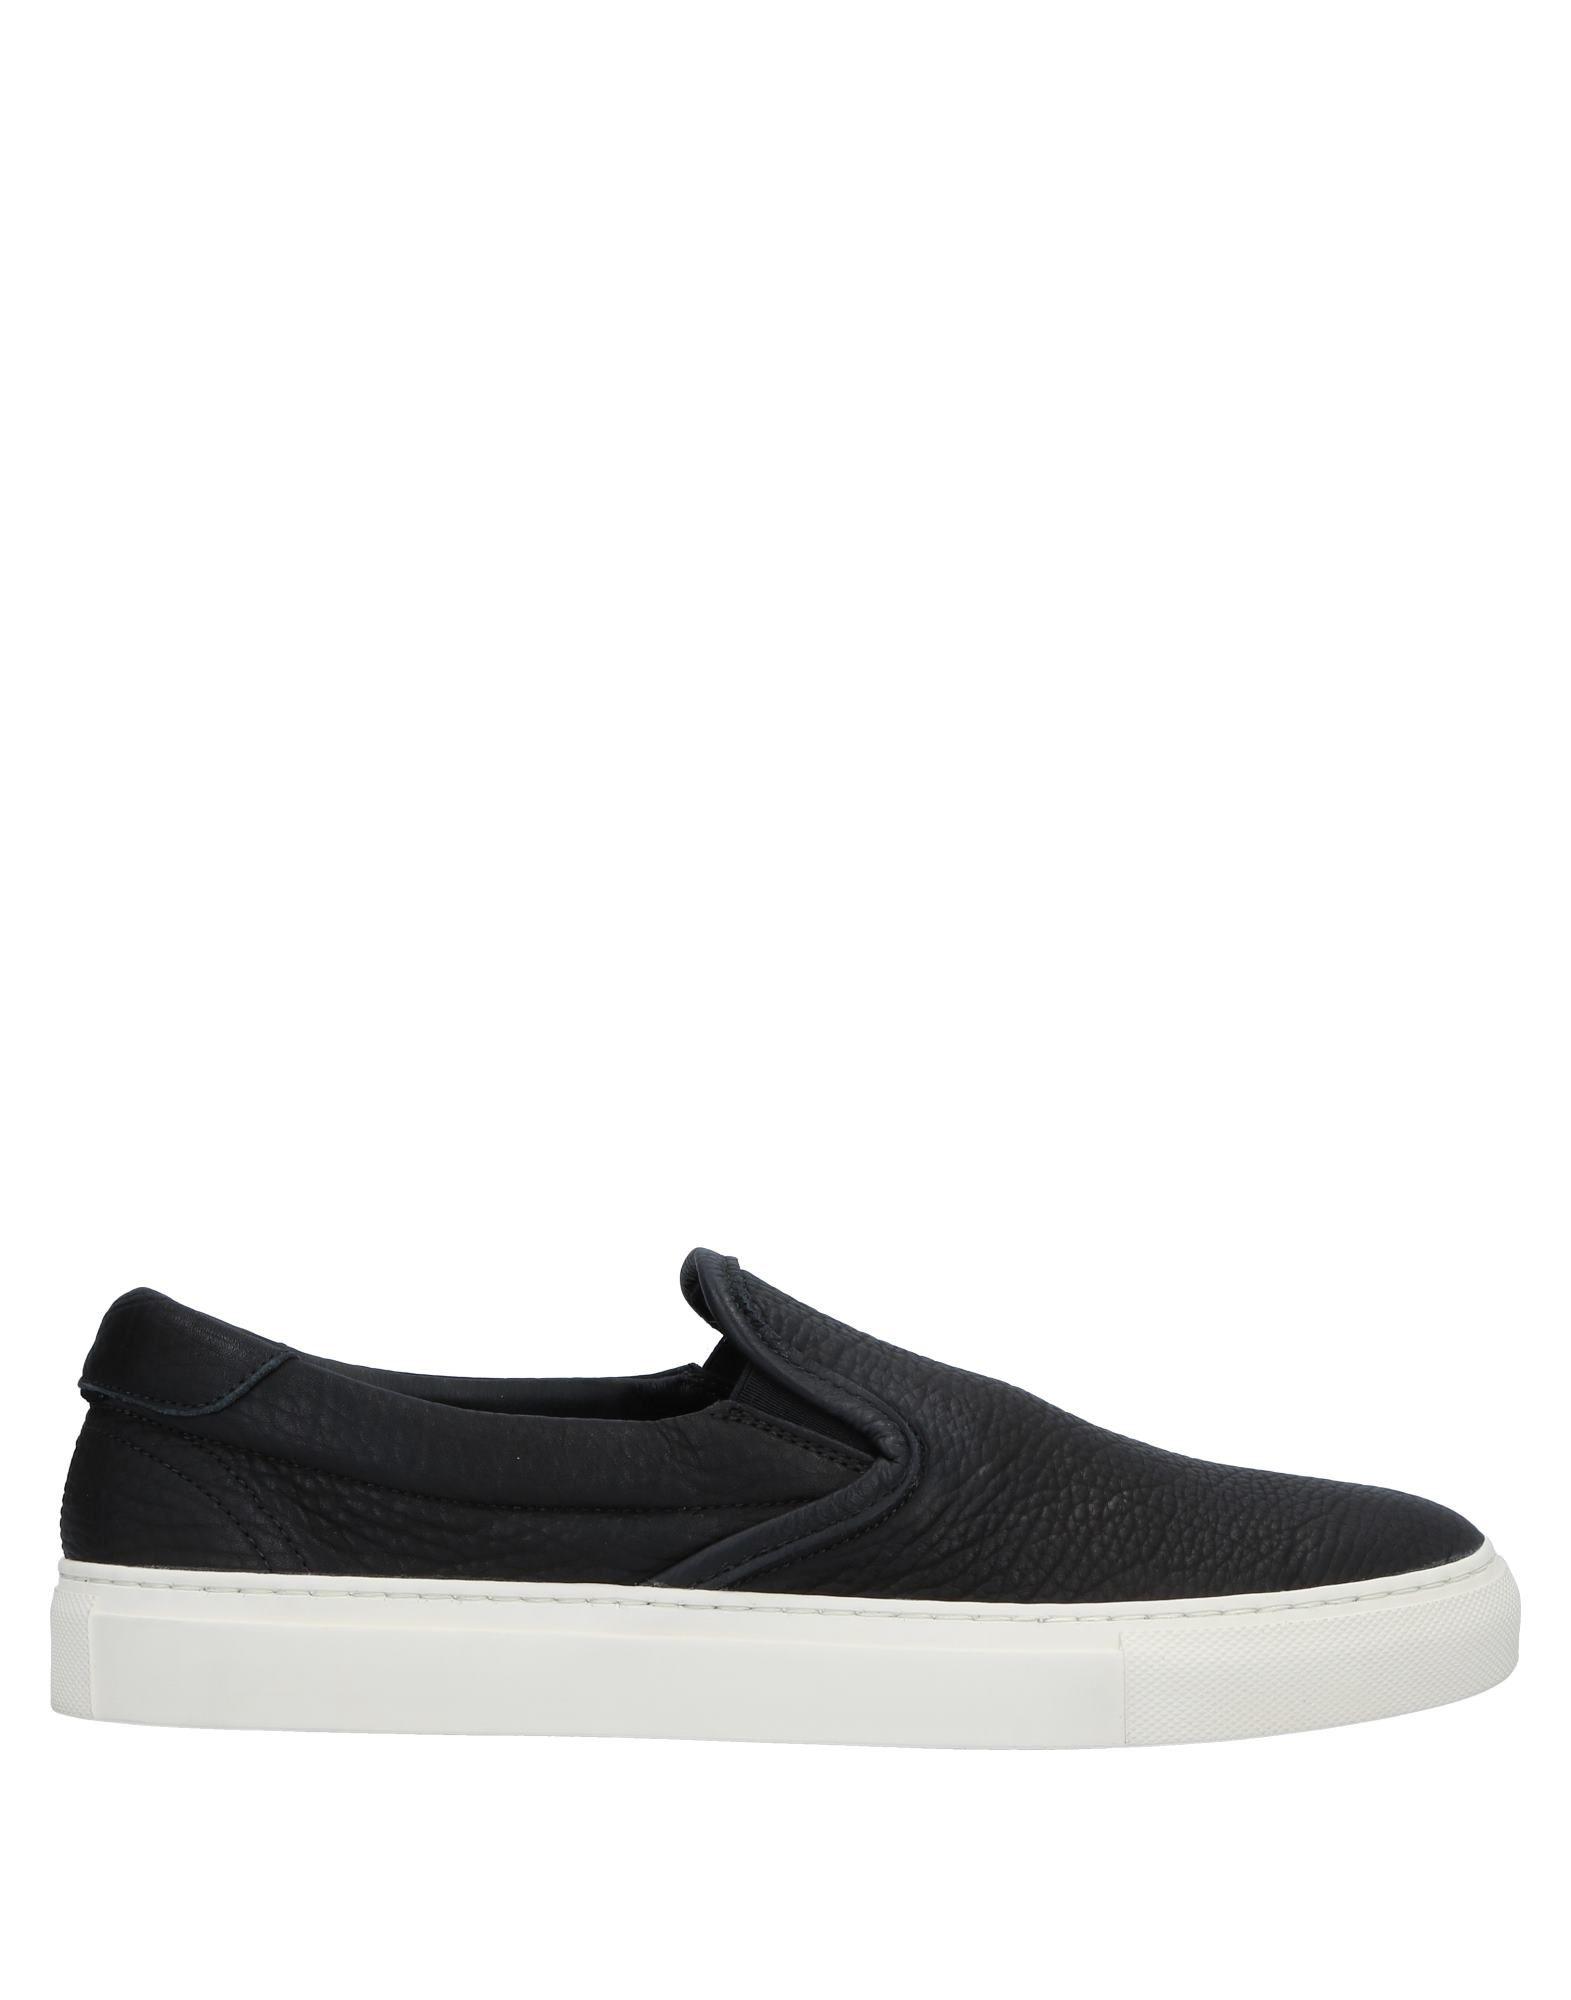 Moda Sneakers Diemme Uomo - 11530781UR